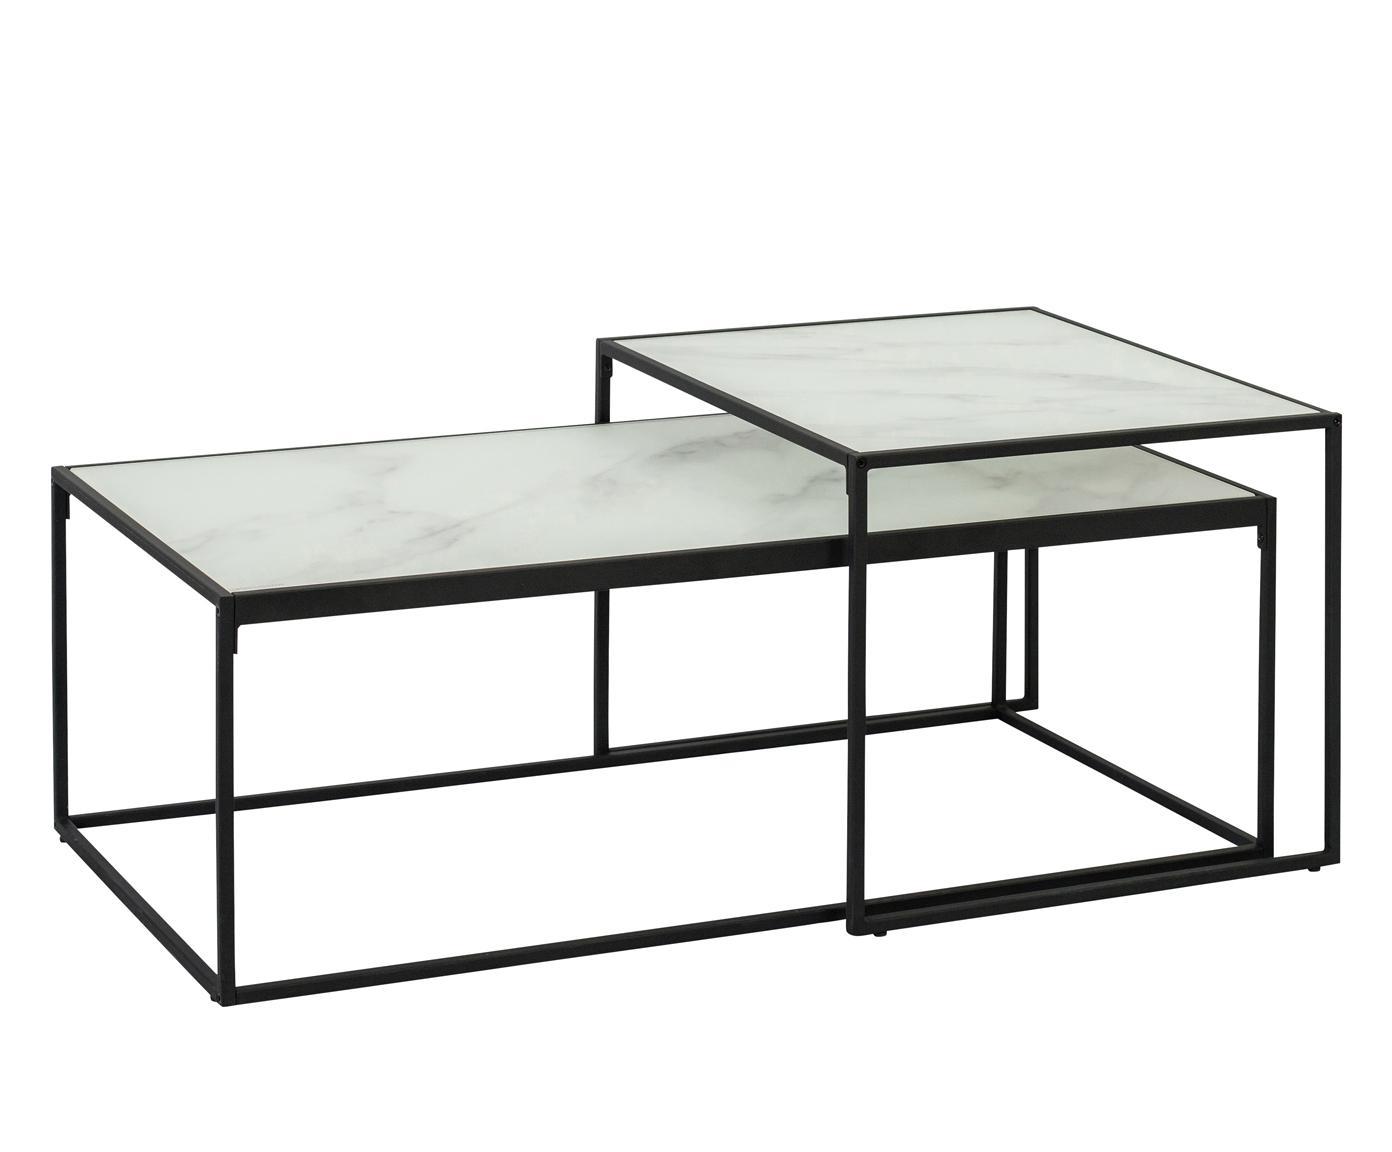 Set 2 tavolini da salotto con piano in vetro Bolton, Ripiani: vetro, sventati, Struttura: metallo, verniciato a pol, Bianco, Diverse dimensioni